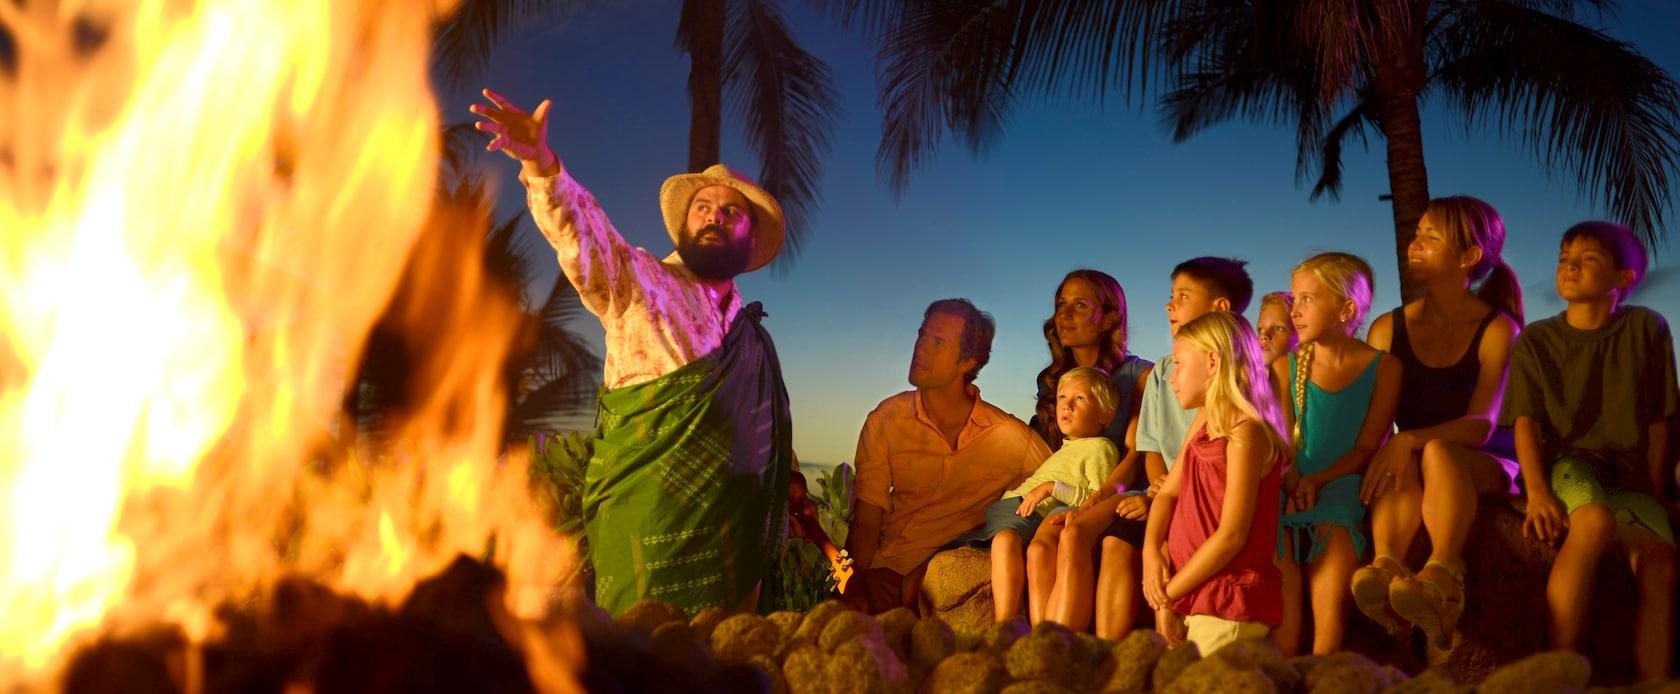 帽子をかぶりサロンを身に着けた男性が、燃え盛る炎に向かってドラマチックな身振りで語り、それを見つめる子供たちと両親